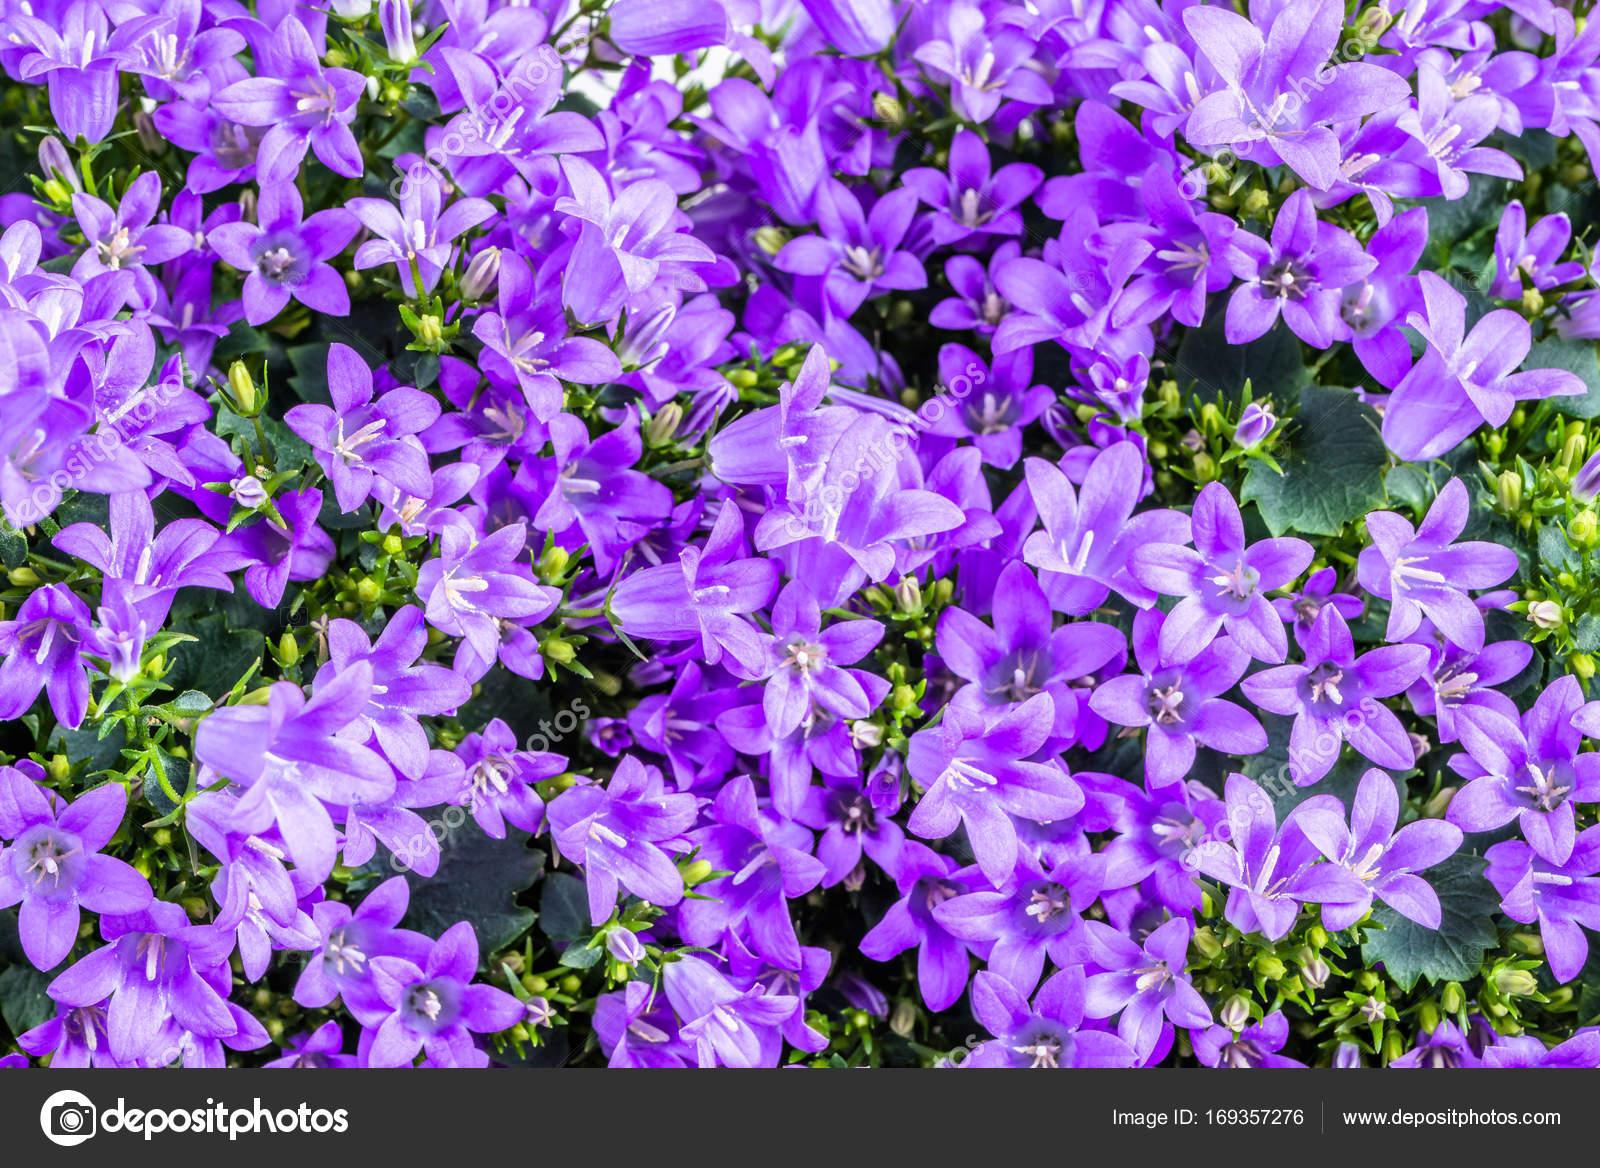 Fotografie Cellulare Primavera Campanula Di Sfondo Viola Fiori